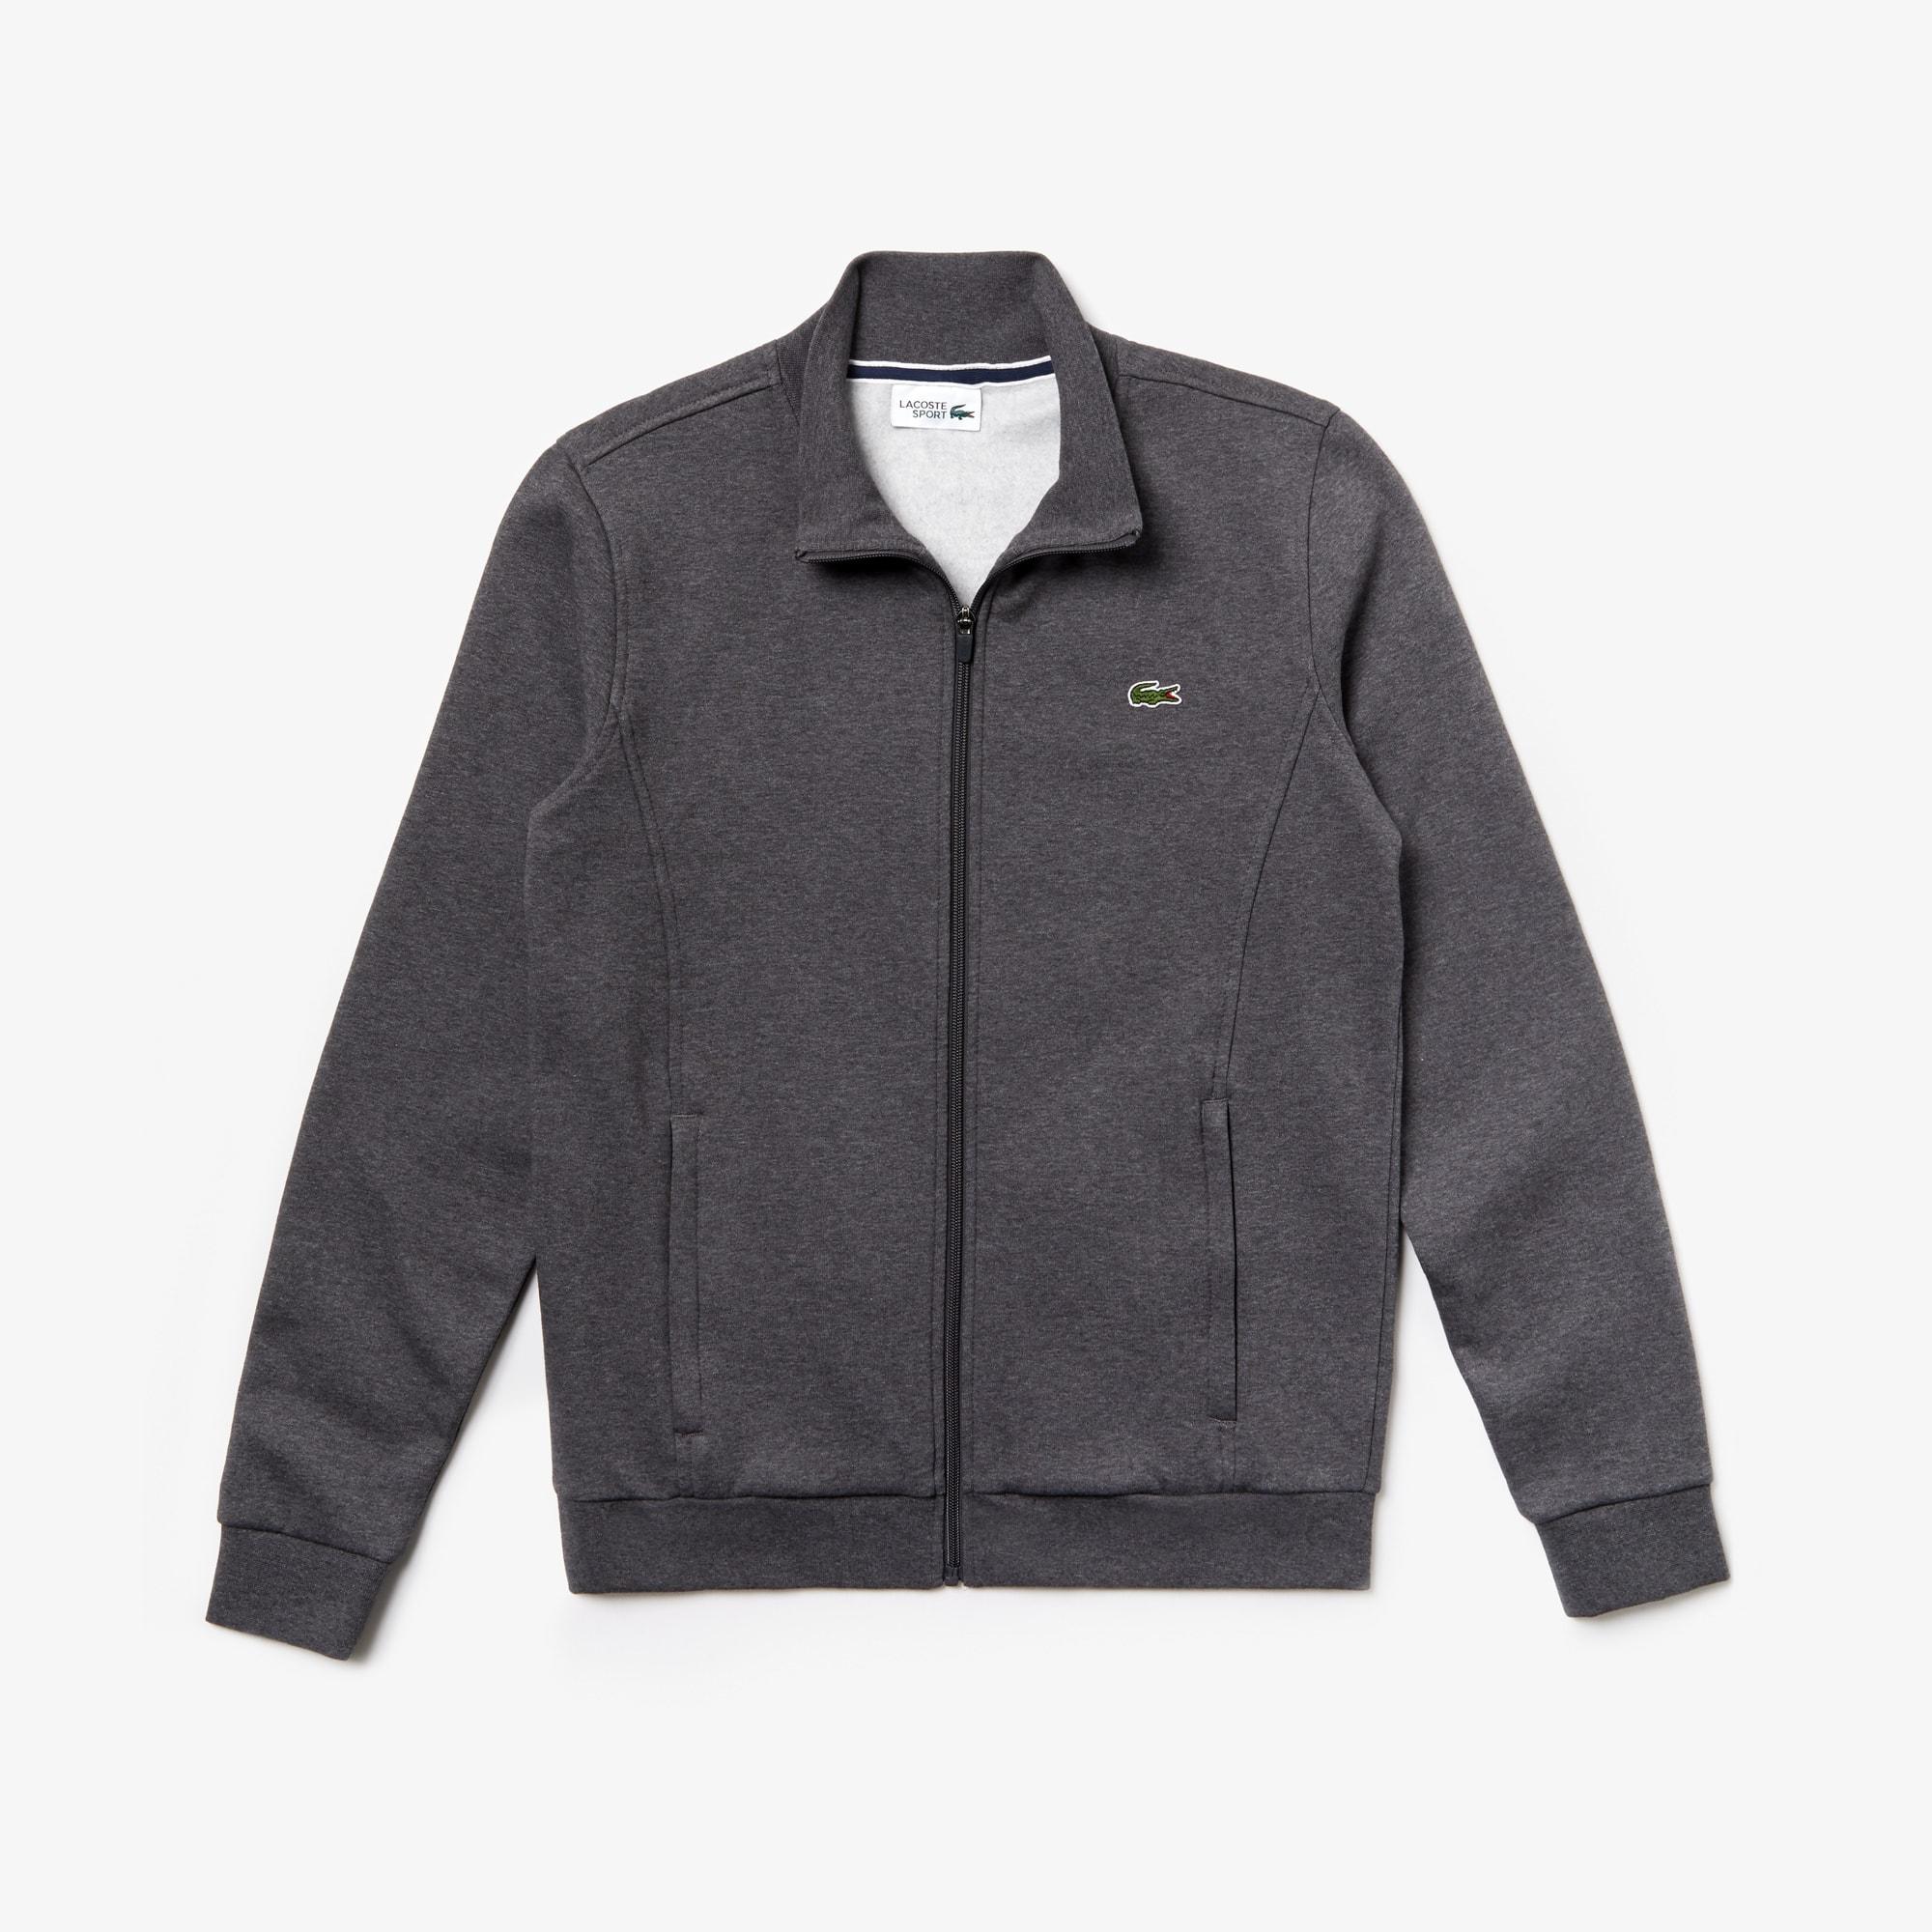 Zip Lacoste Sport Sweatshirt Men's Fleece Up R3L54jA